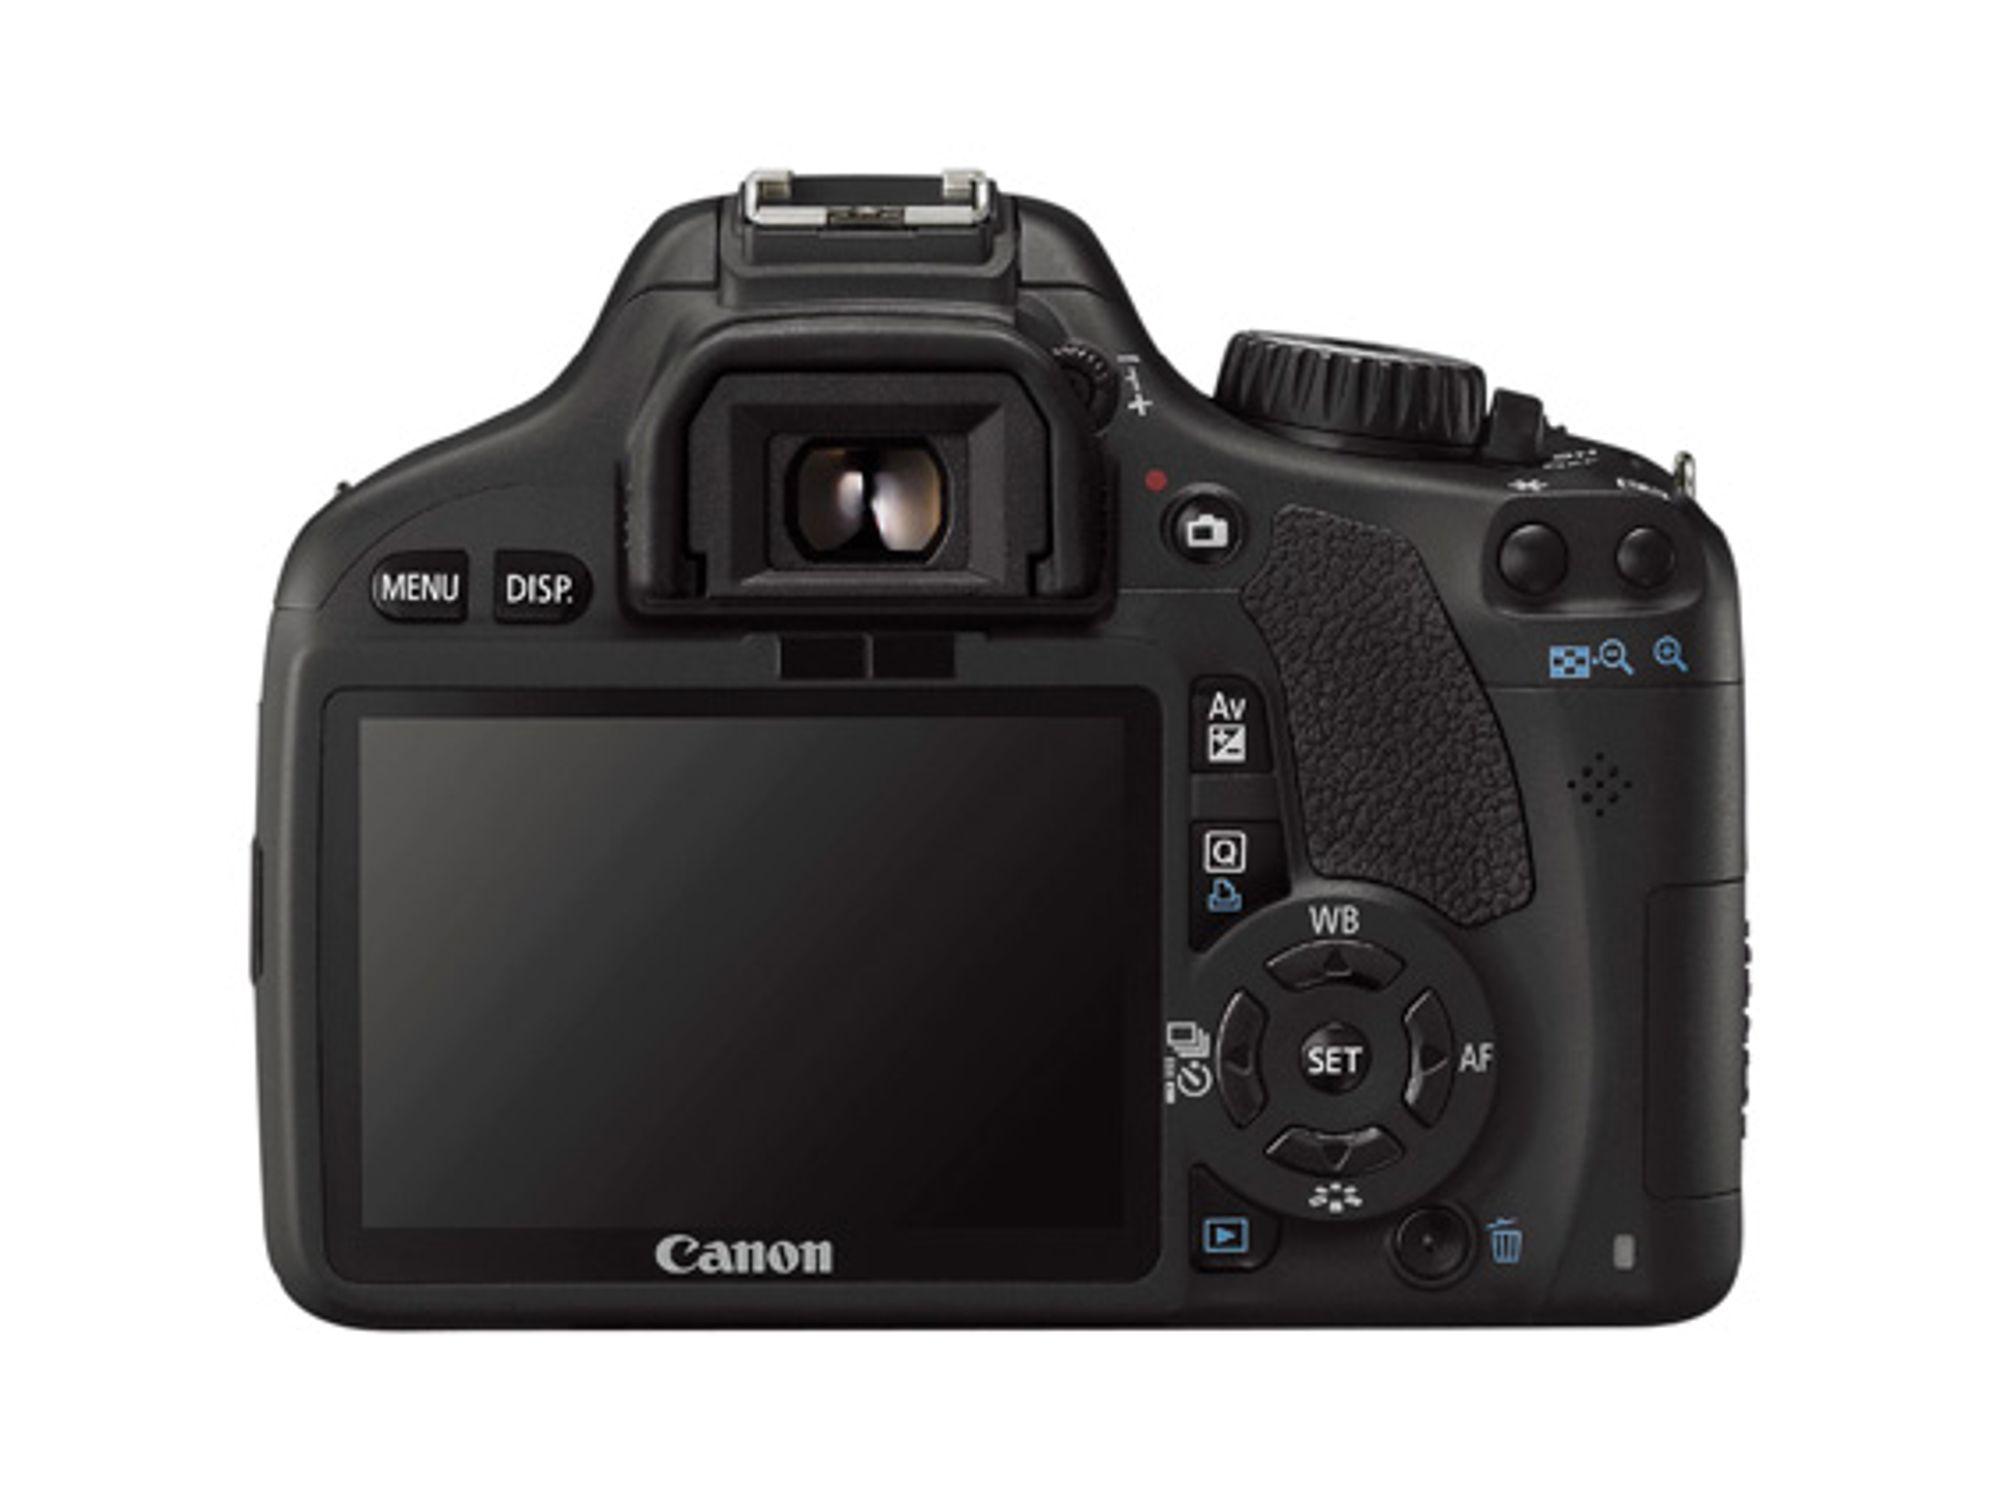 Canon Eos 550D med nytt skjermformat.